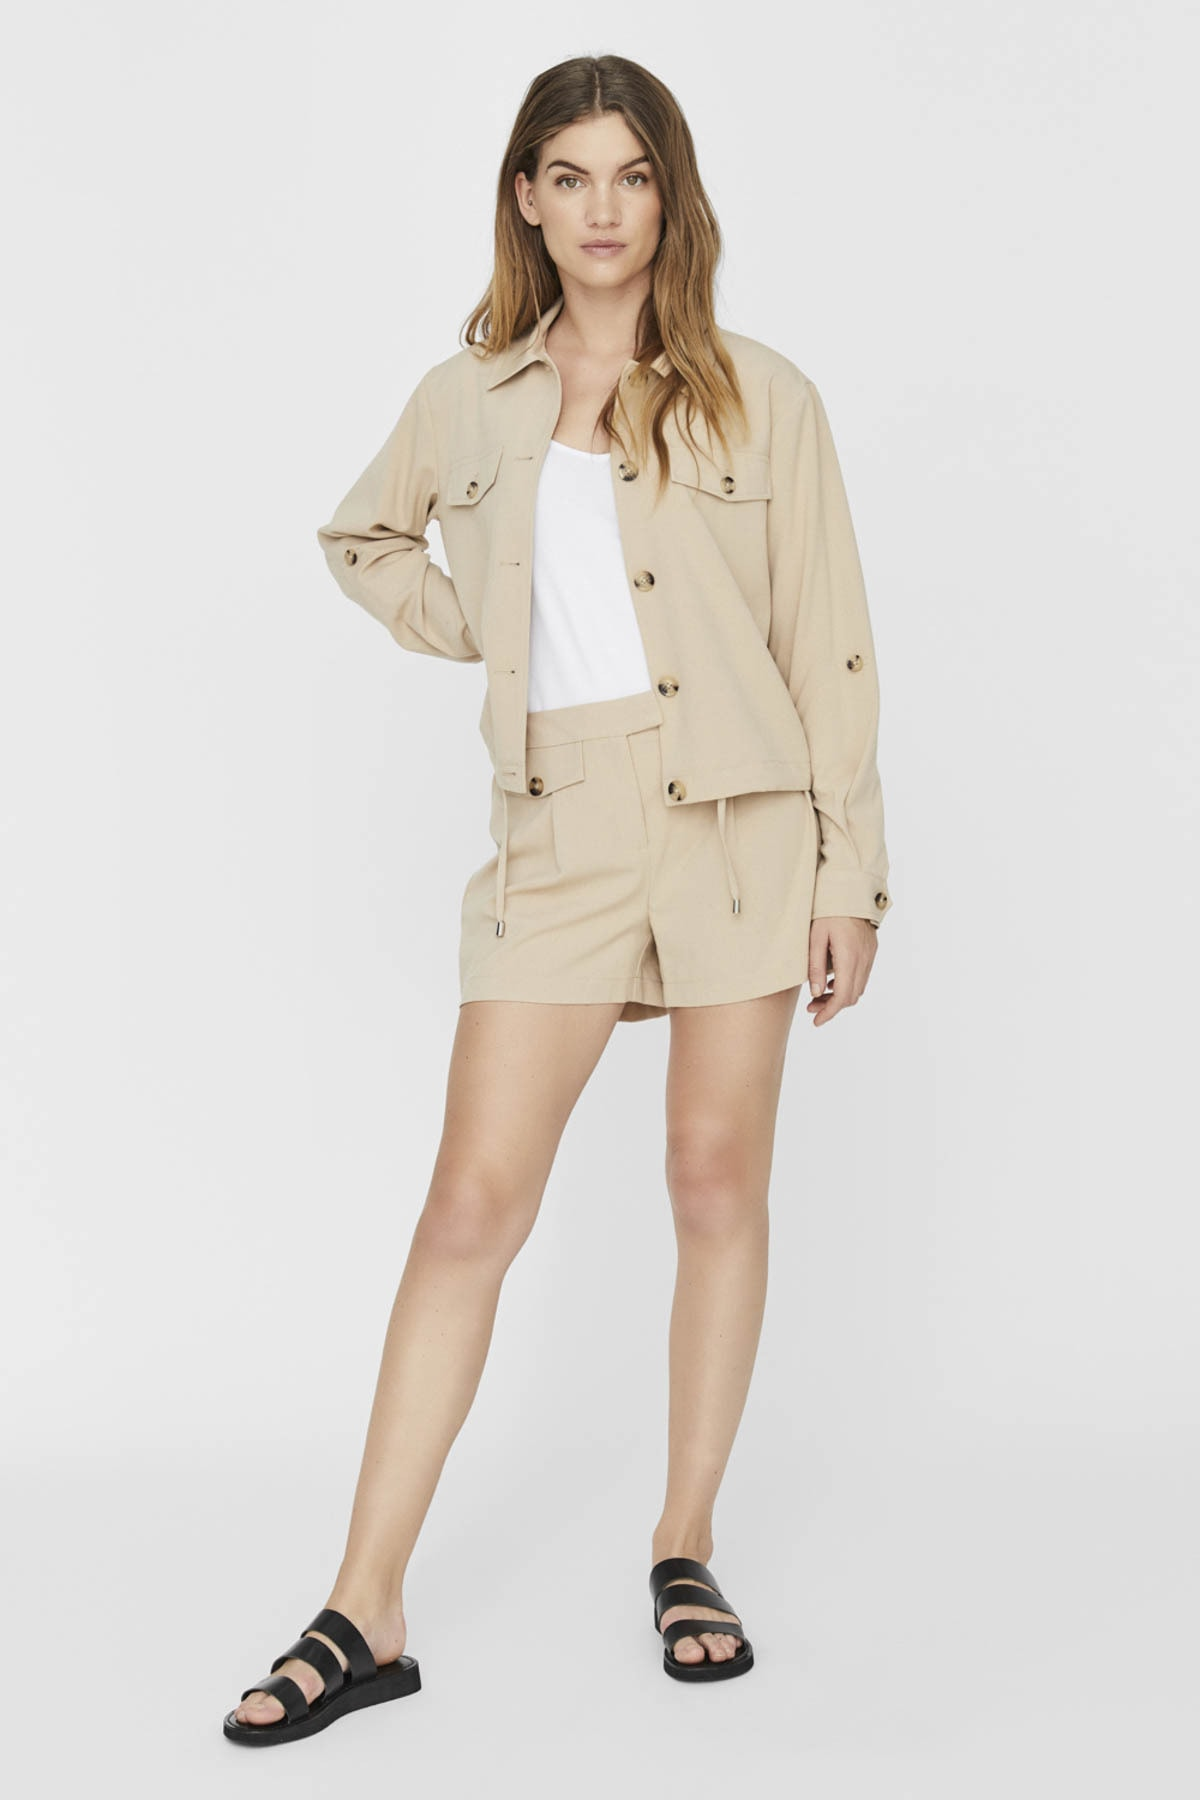 Vero Moda Kadın Bej Cep ve Düğme Detaylı Alttan Büzülebilir Ceket 10230717 VMOFELIA 1